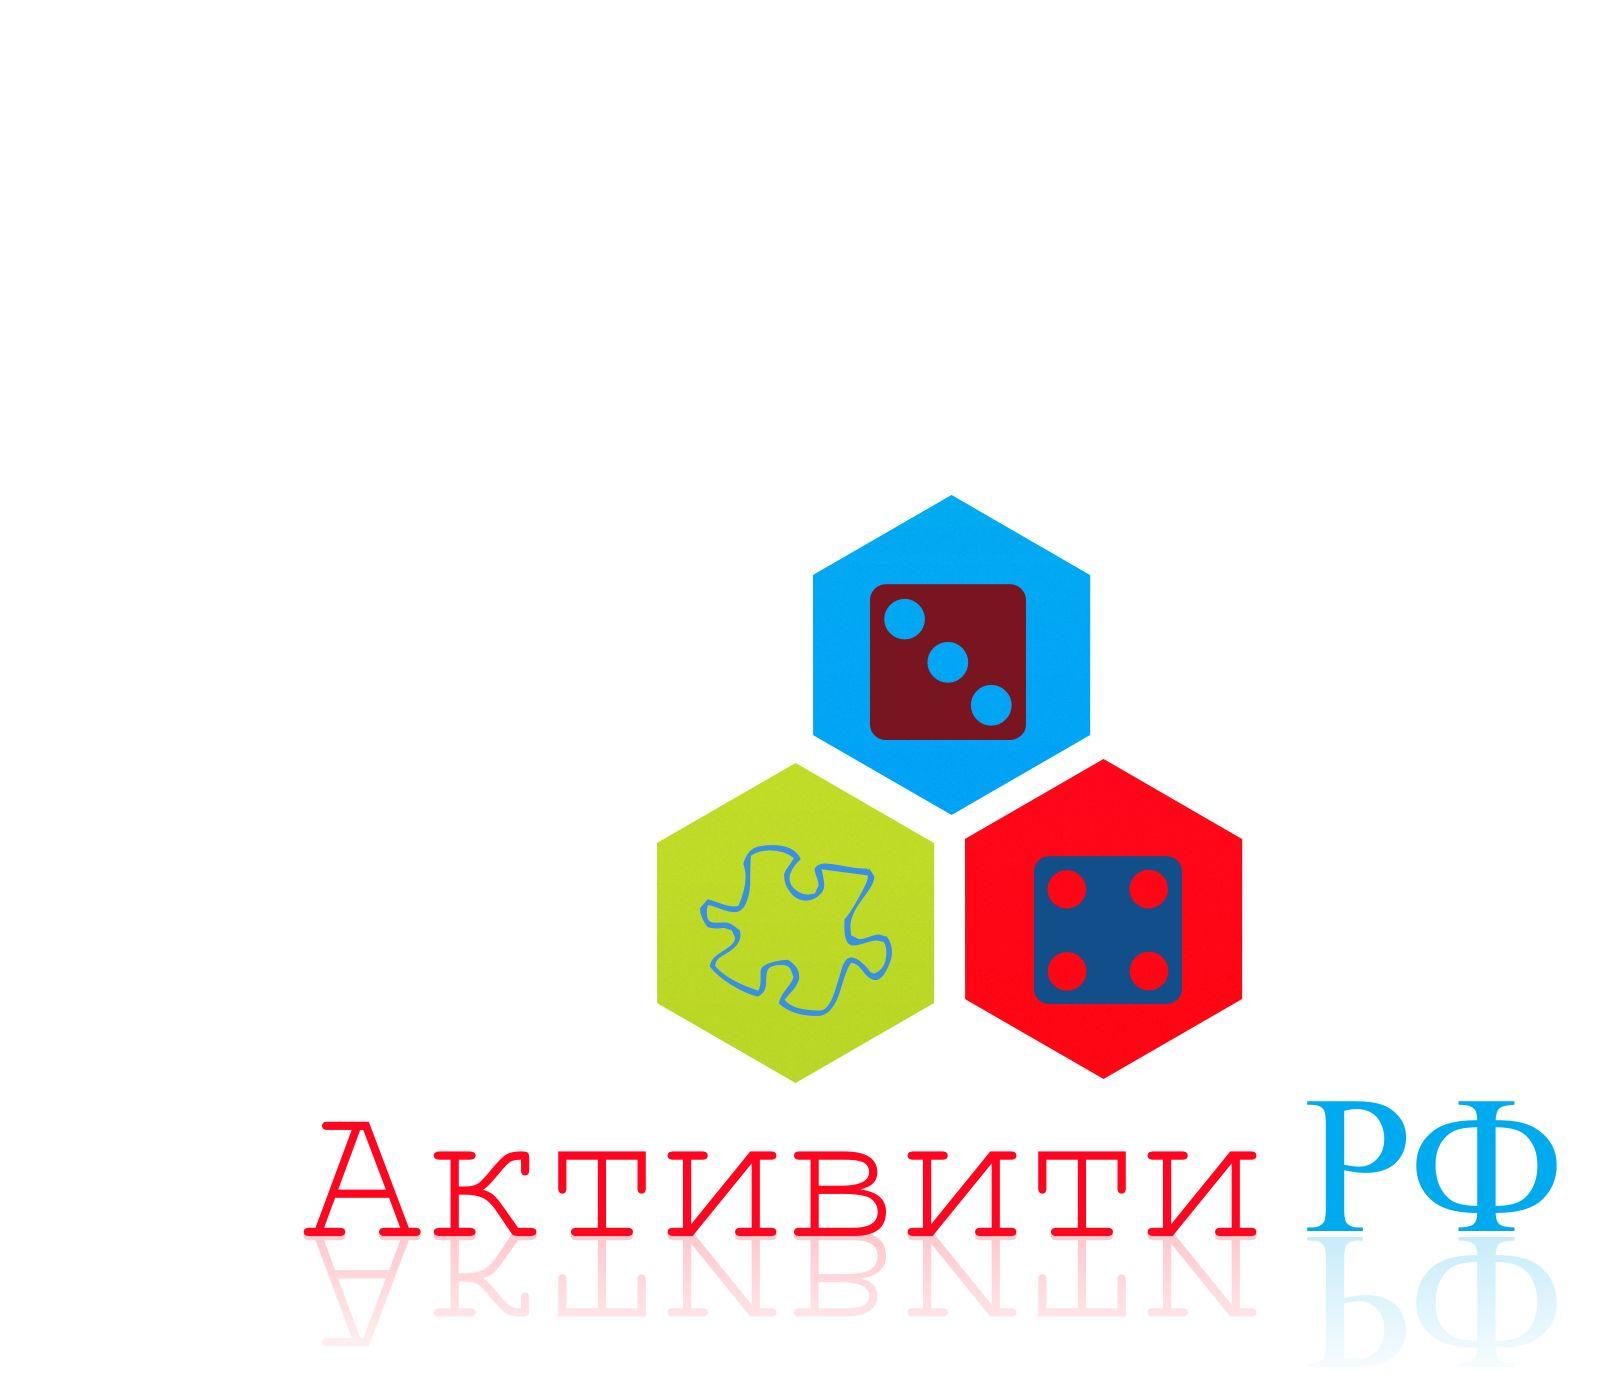 Логотип магазина активити.рф - дизайнер BeSSpaloFF